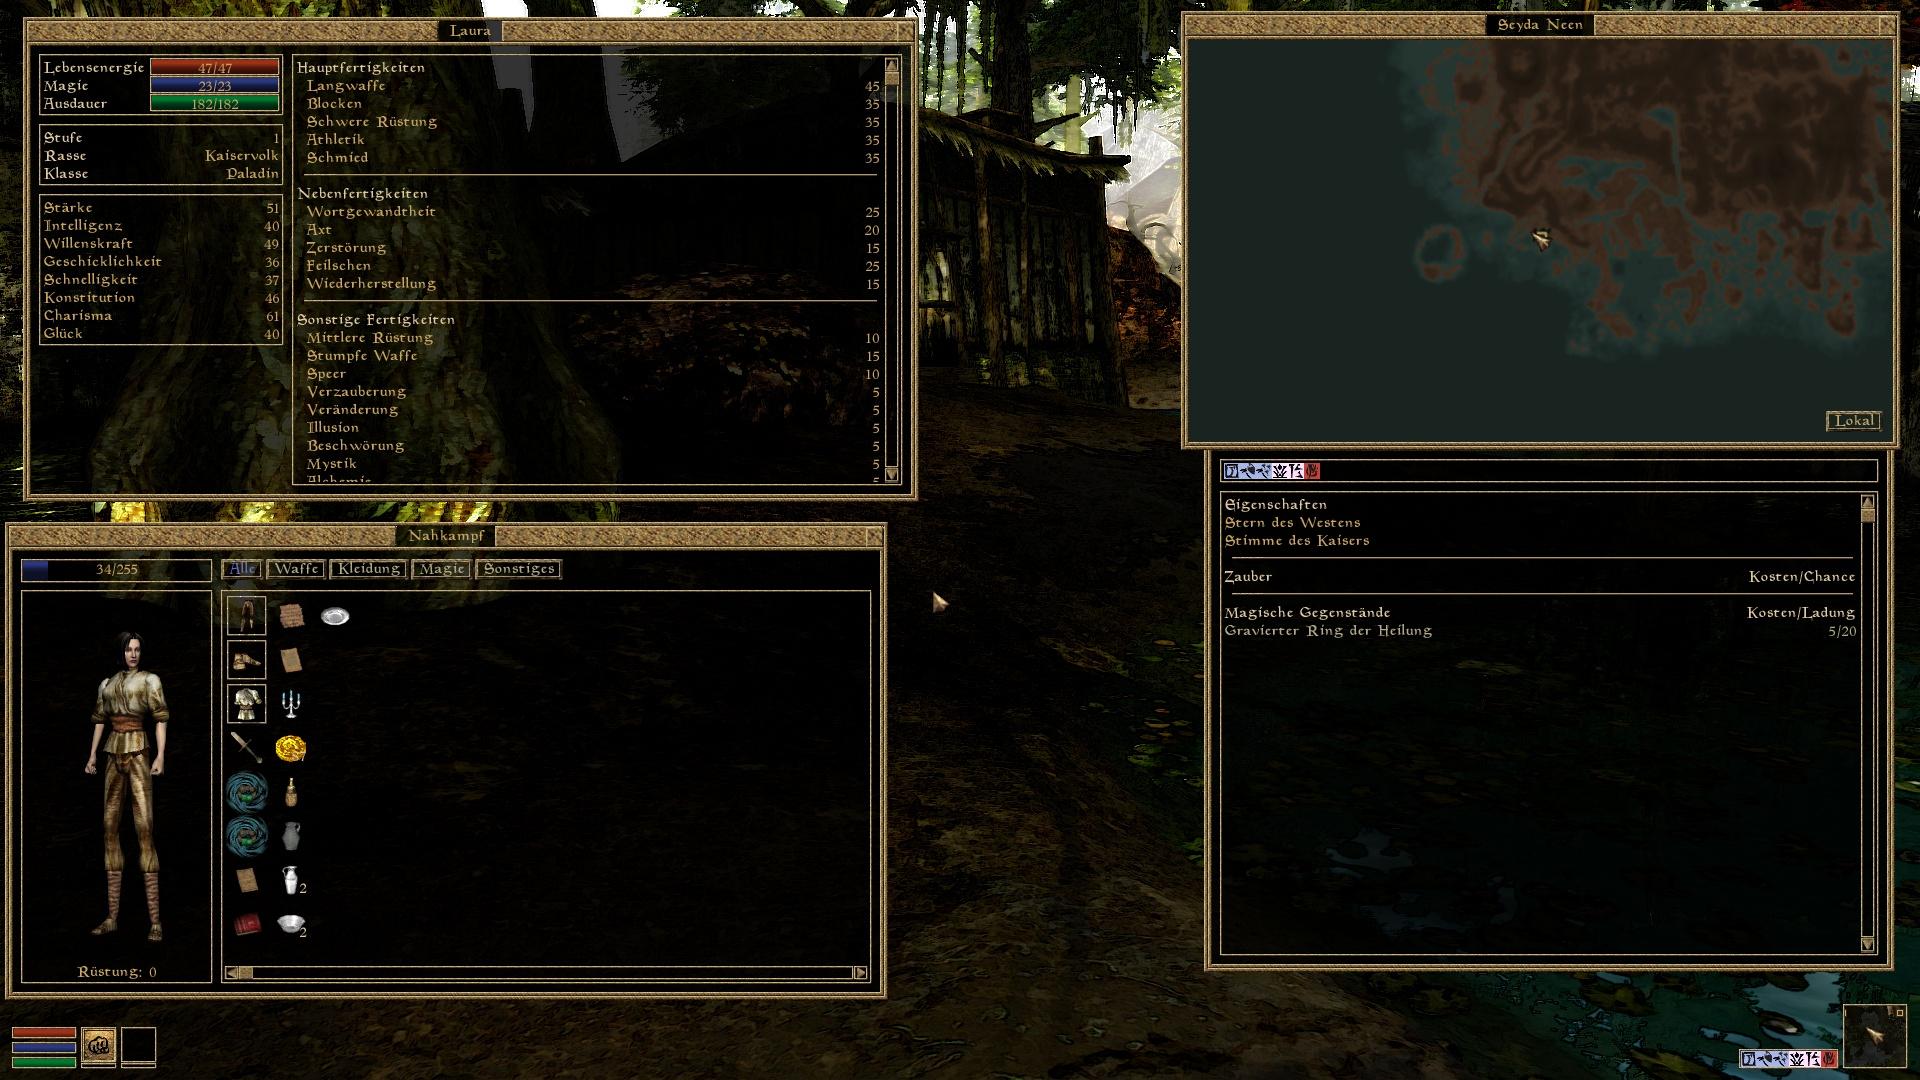 Morrowind 2018-11-08 21.20.46.097.jpg